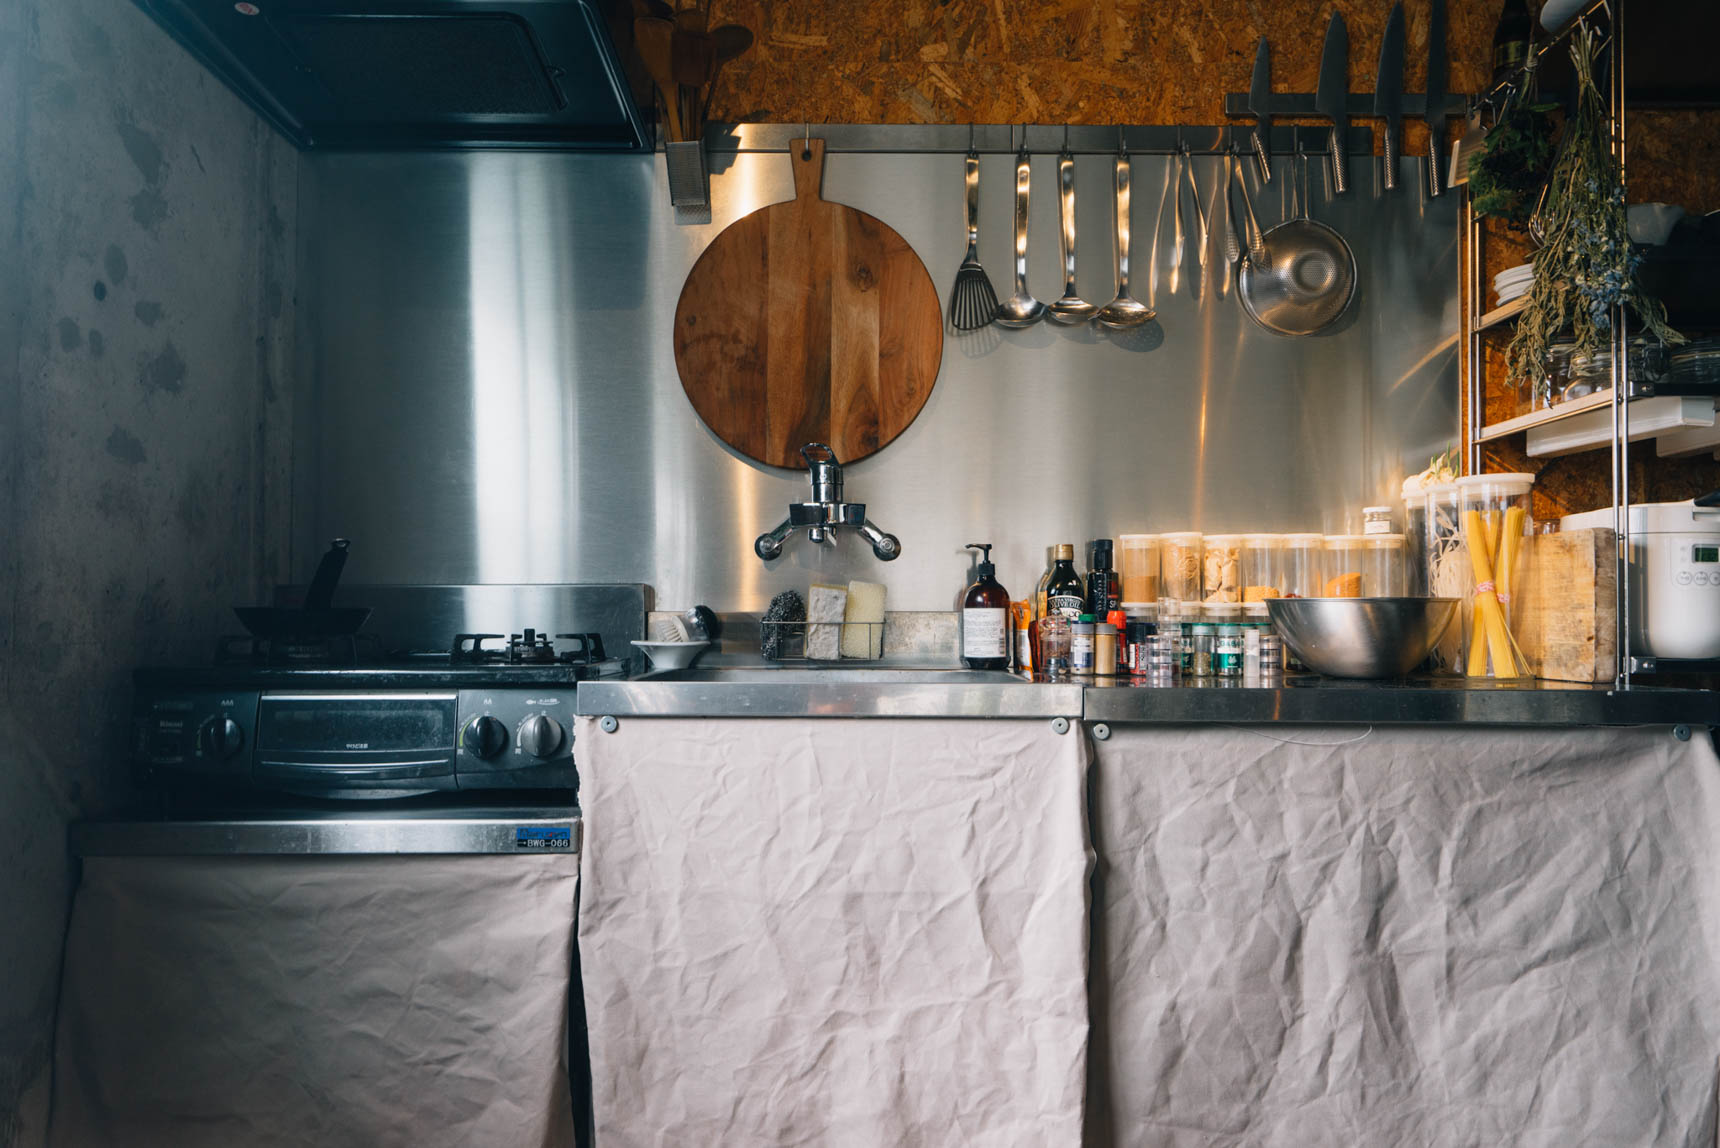 キッチンのステンレスの扉はギラギラしすぎていたので、布に変えました。